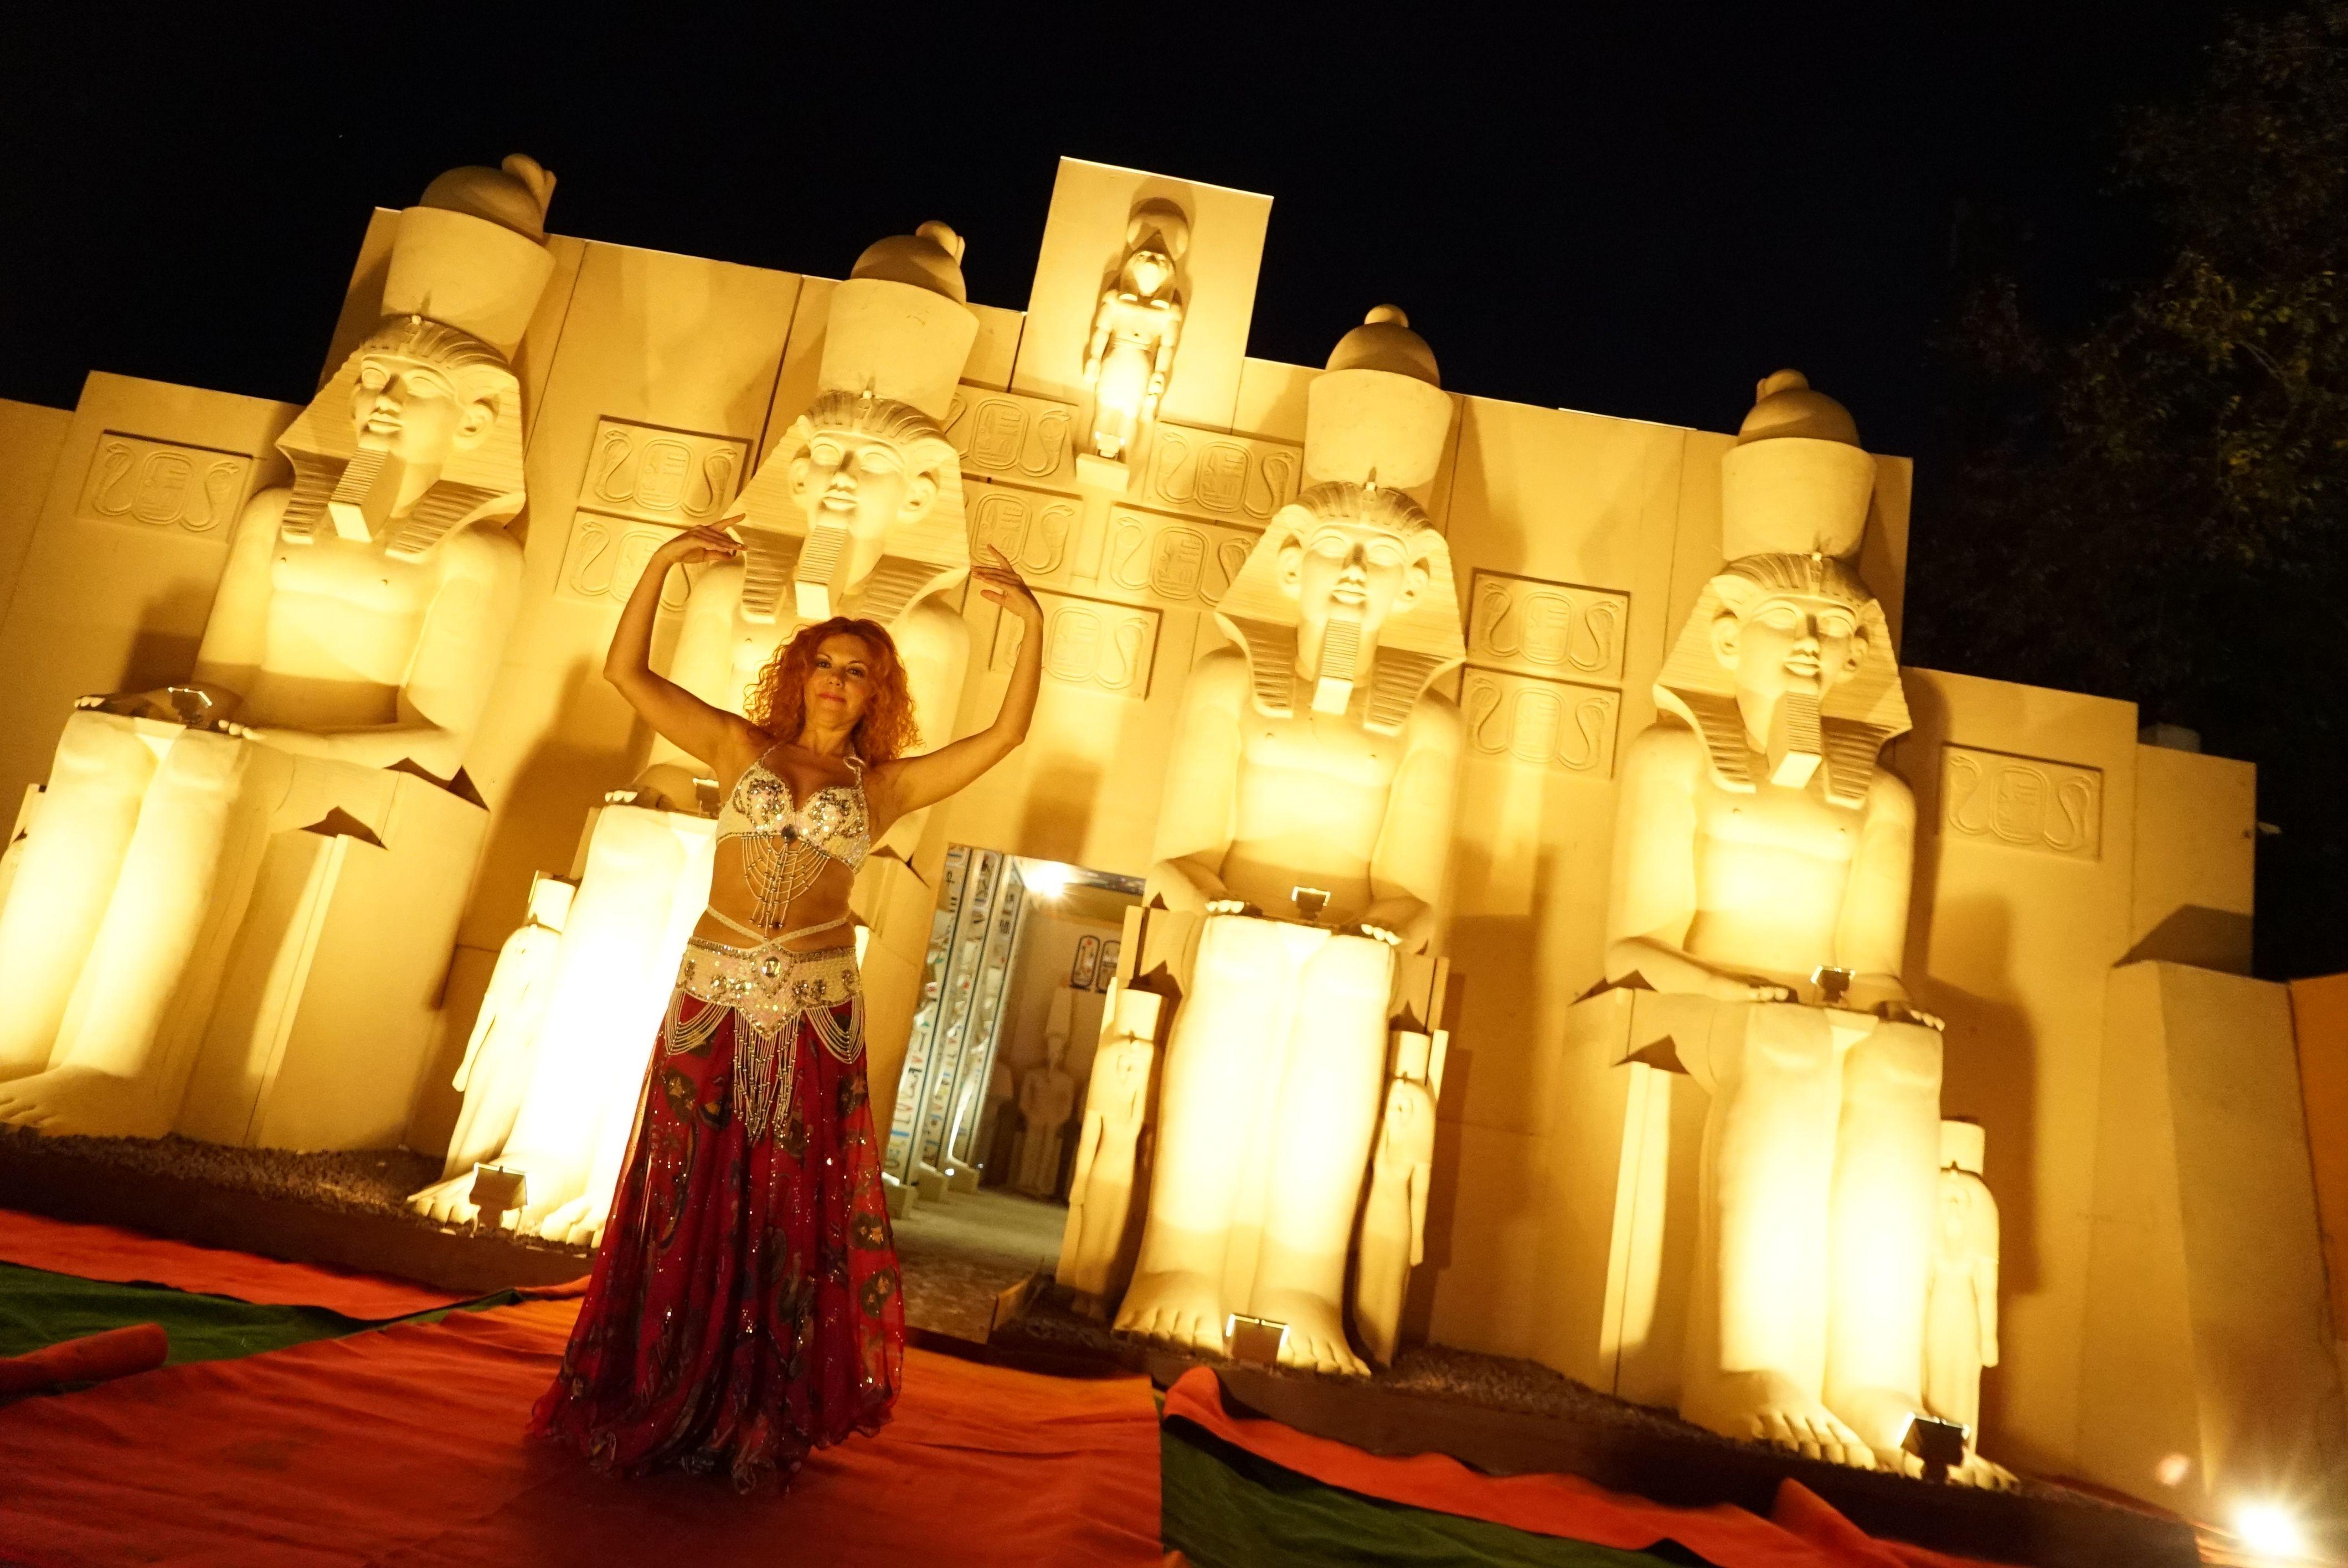 Espectáculos: Descubre nuestro templo de El Templo del Faraón